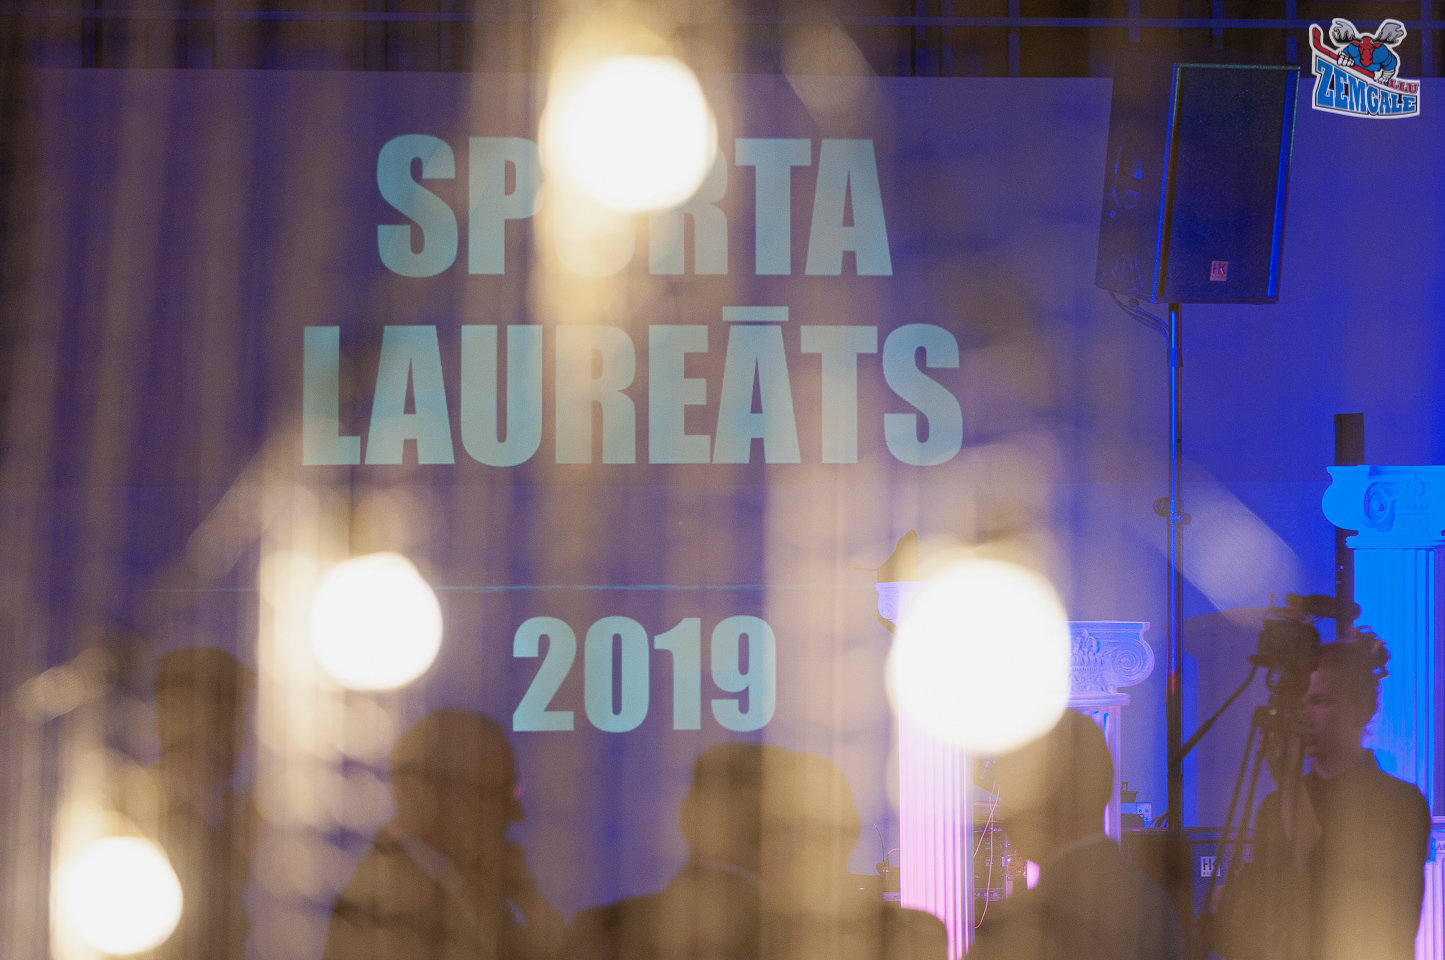 """Projektors projecē uz sienas uzrakstu """"Sporta laureāts 2019"""